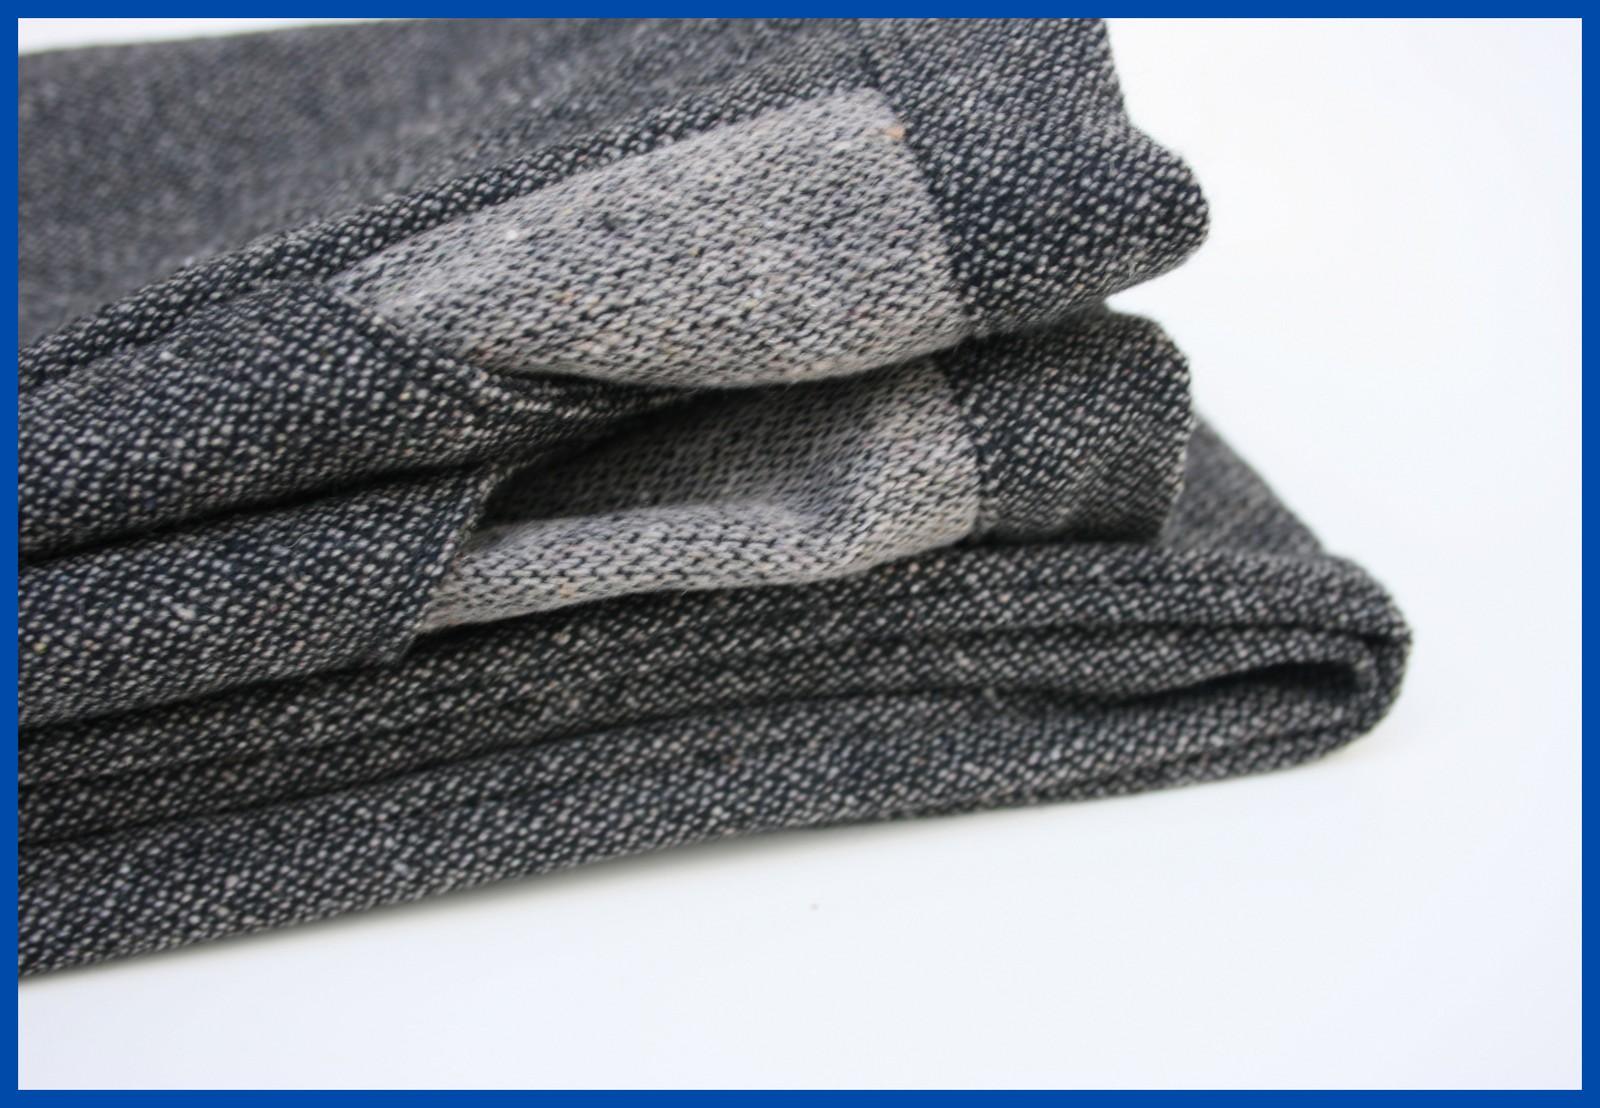 cisse (folded)